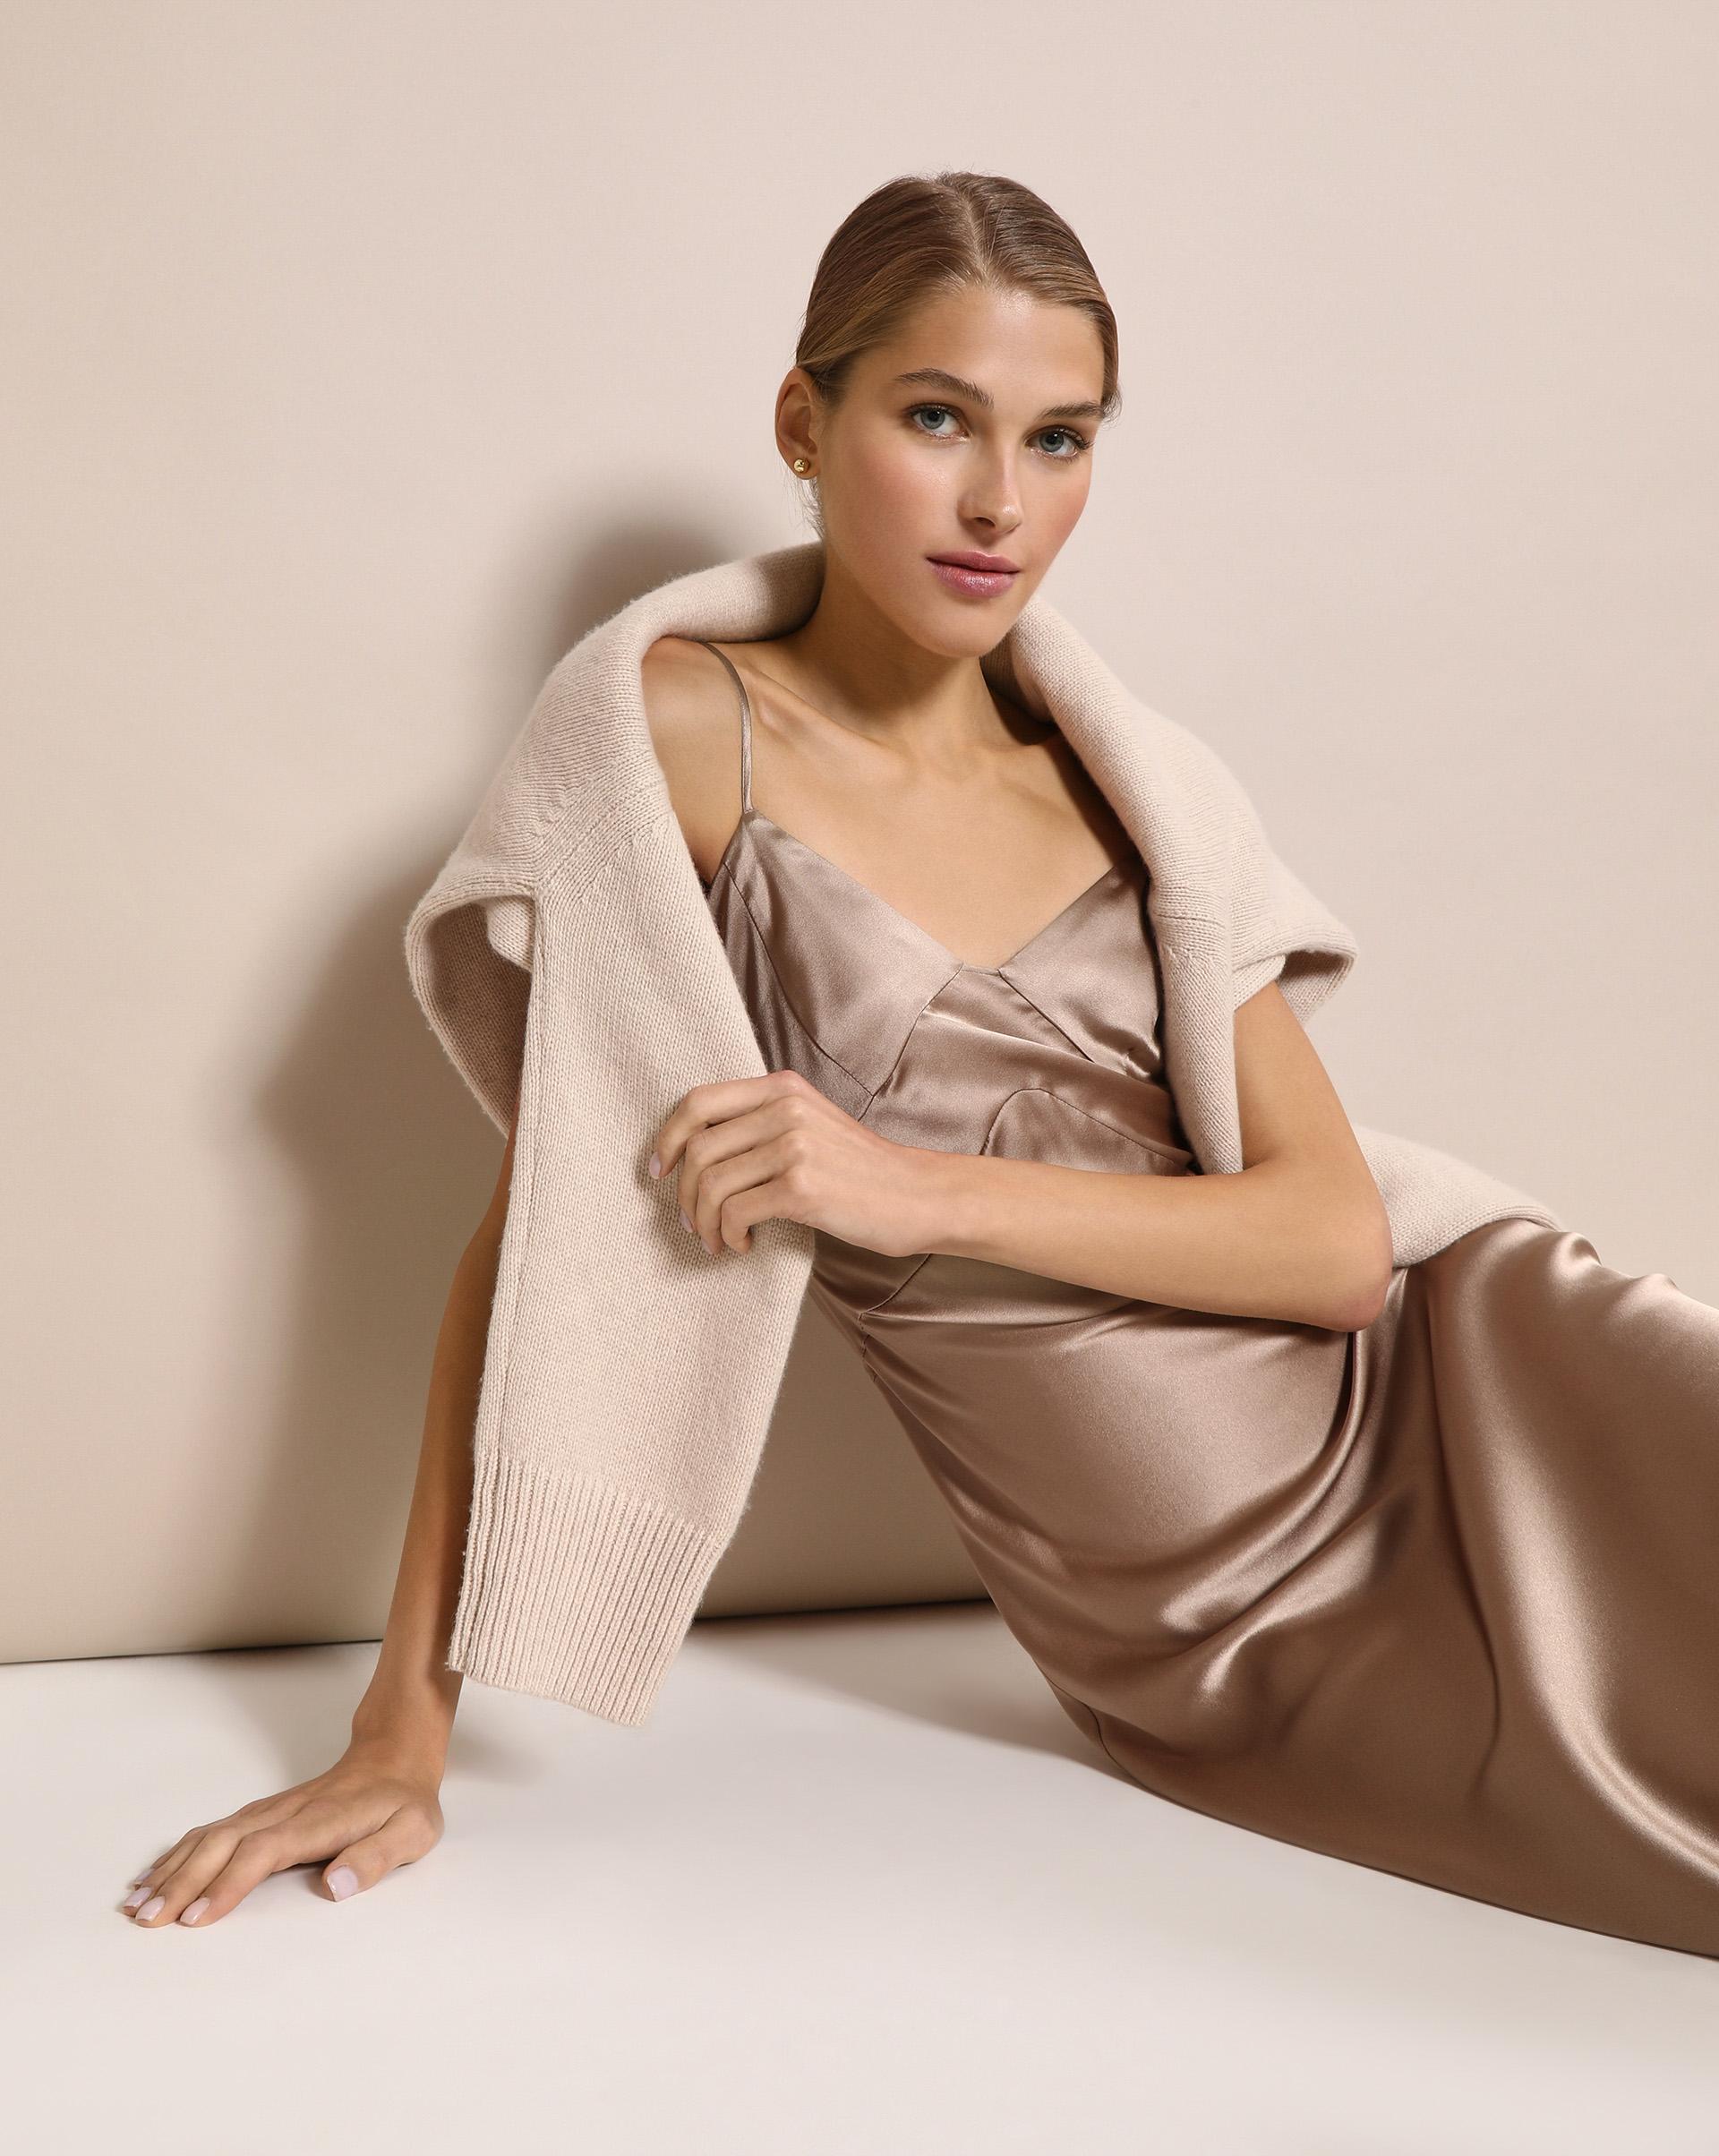 хертель л жакеты пальто куртки парки кардиганы шьем сами 1 выкройка 10 моделей 12⠀STOREEZ Платье комбинация из шелка